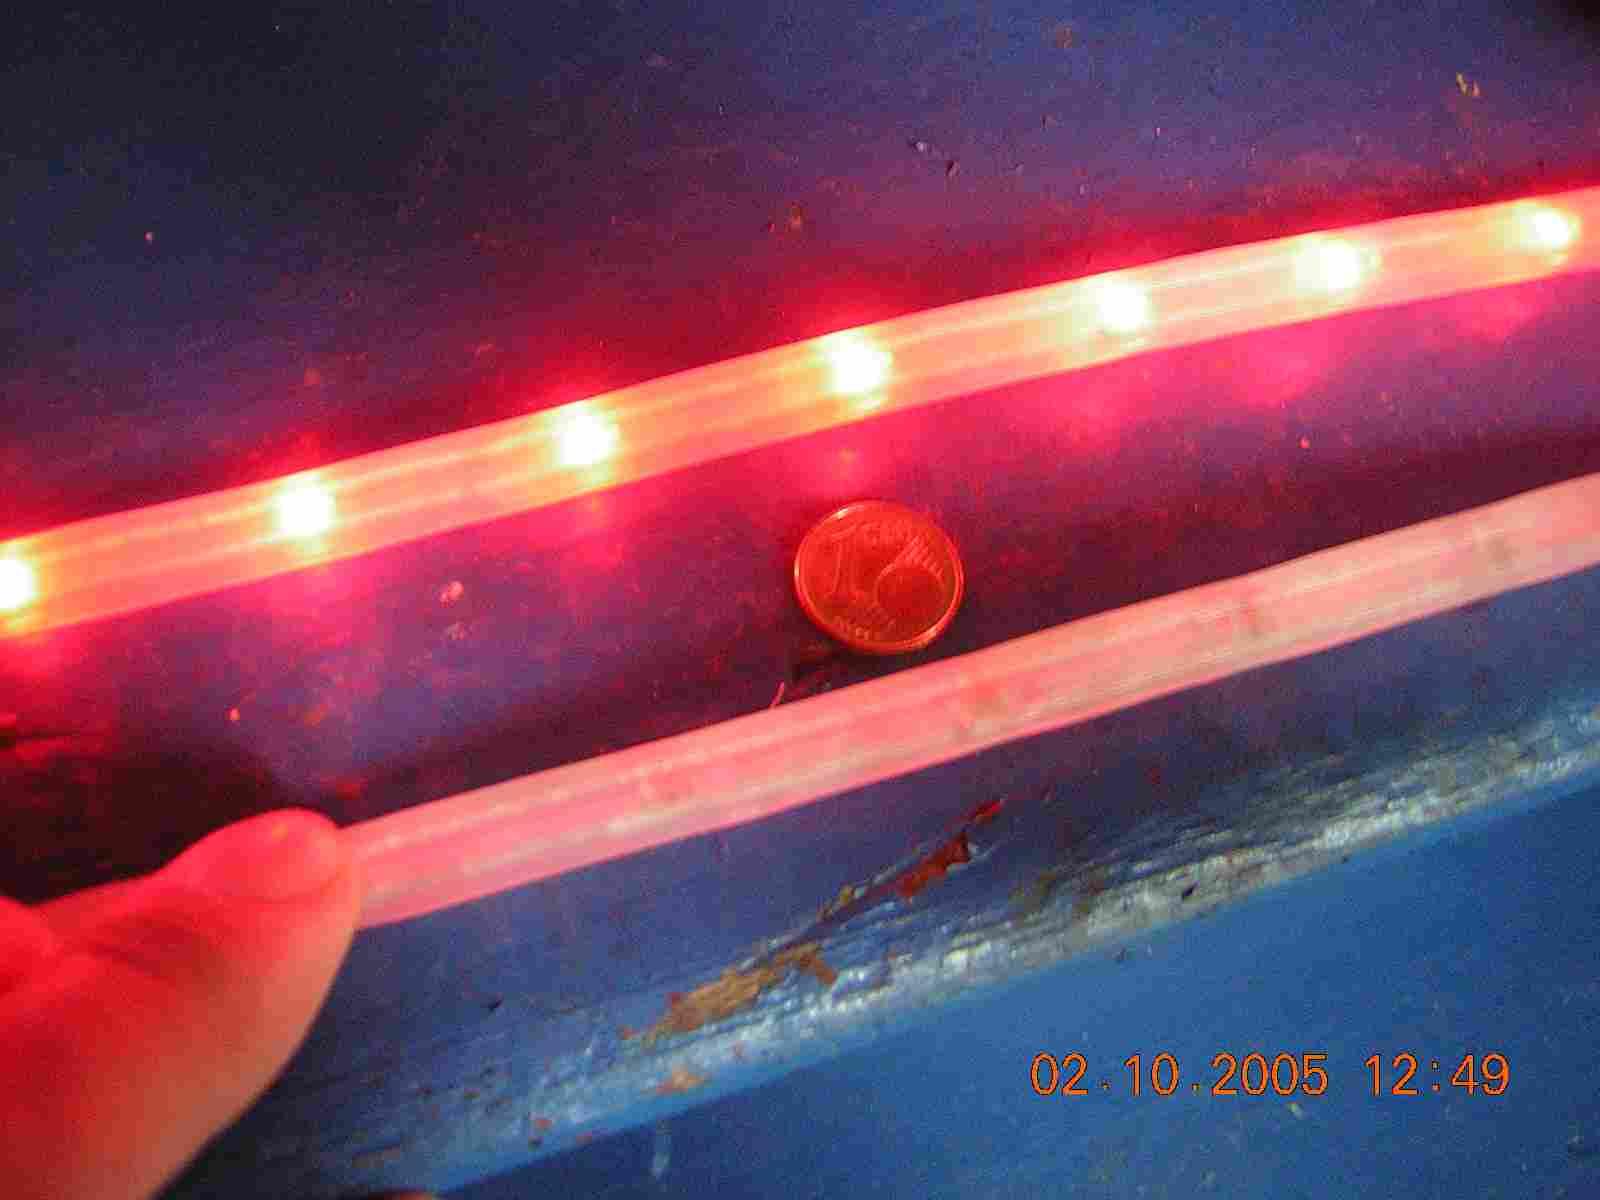 58933846ab3f5_LED-SMD-LichschlauchMini1.jpg.32ba4ffea81bdc81b41dc83bc87ab58b.jpg